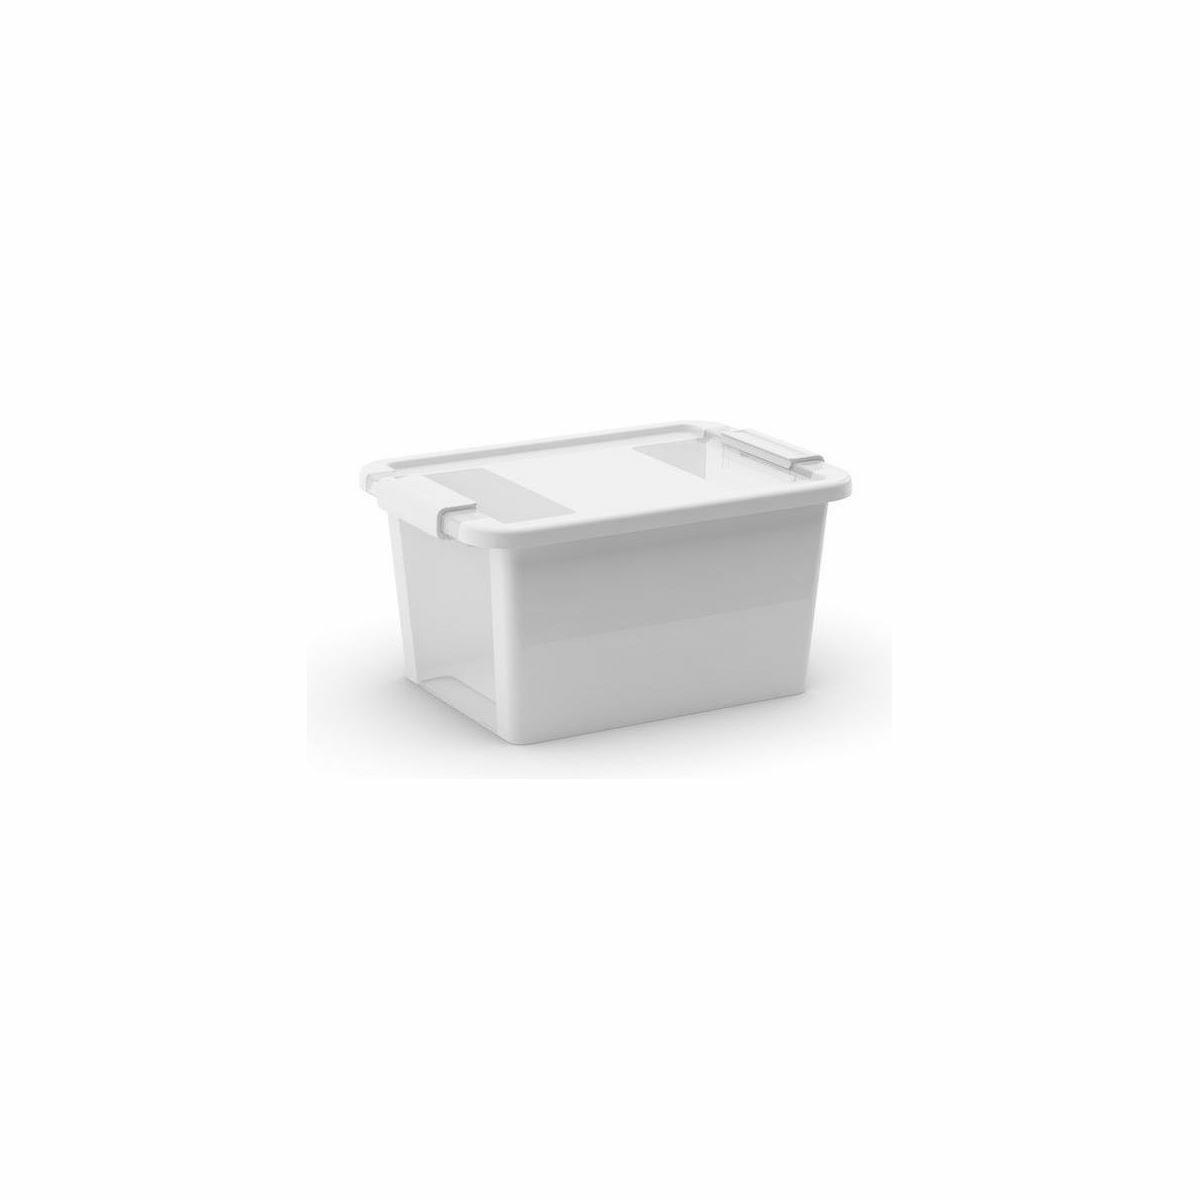 KIS Cutie depozitare Bi Box S, 11 l, albă imagine 2021 e4home.ro